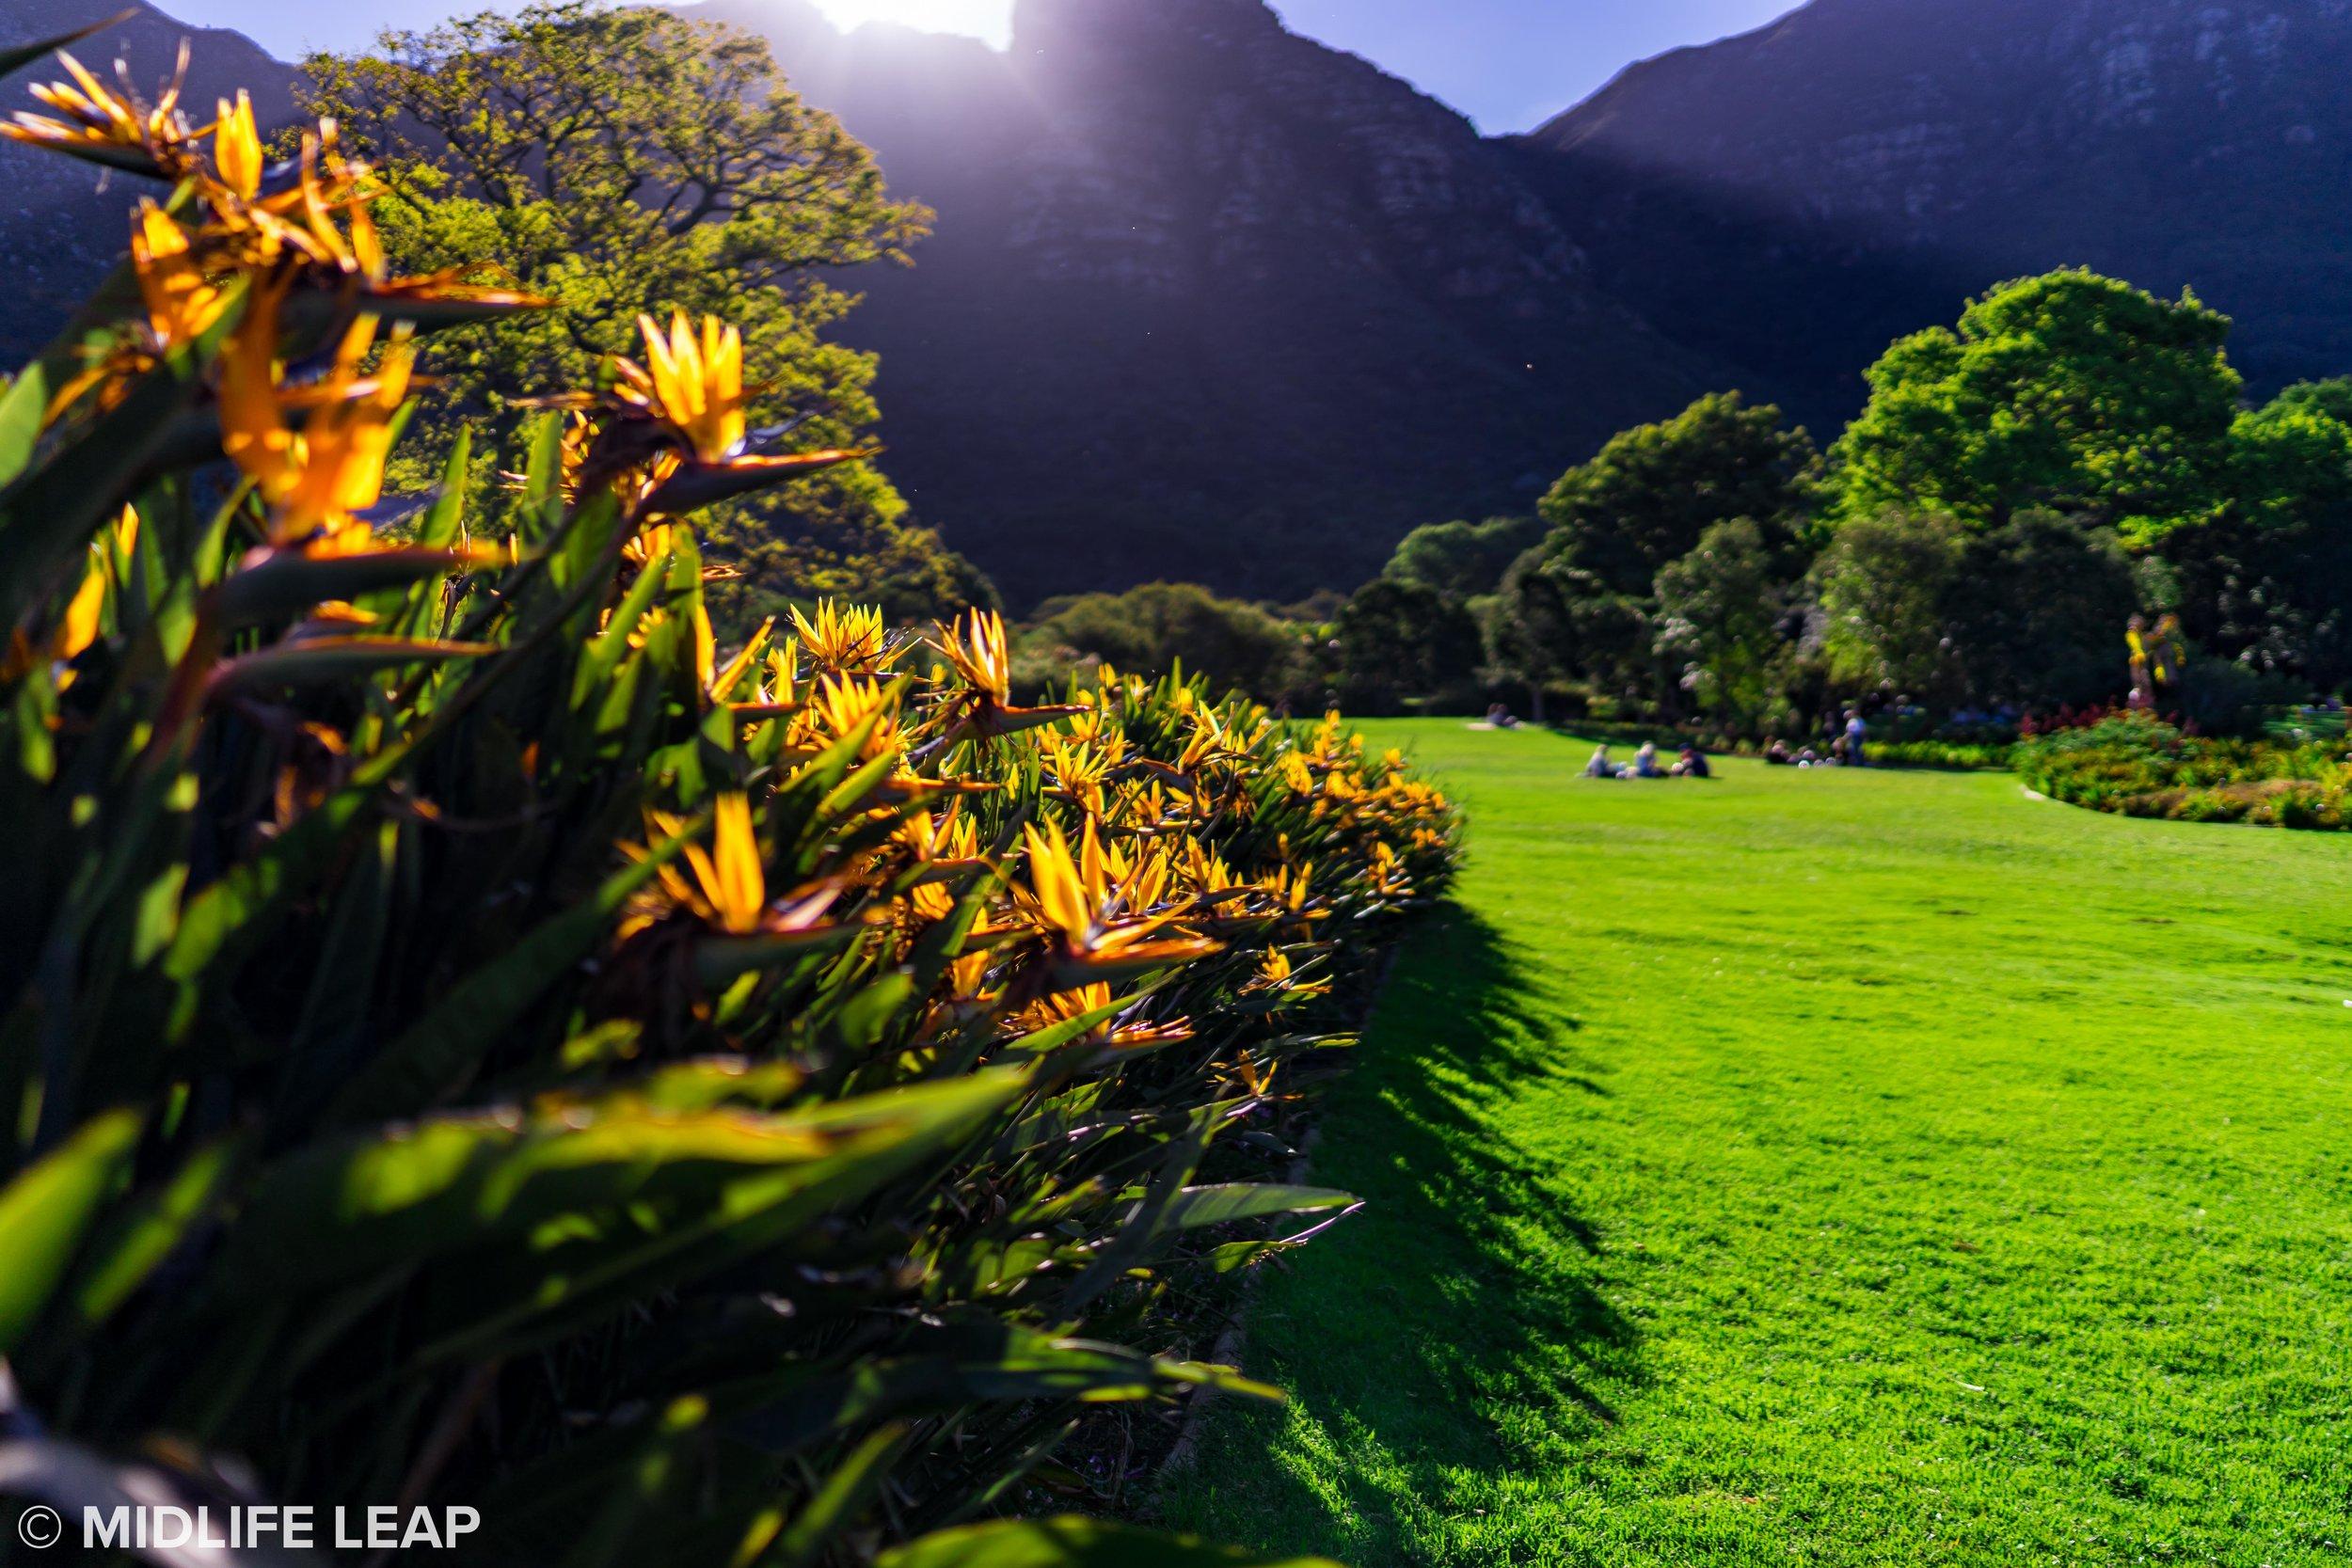 kirstenbosch-botanical-gardens-cape-town-south-africa